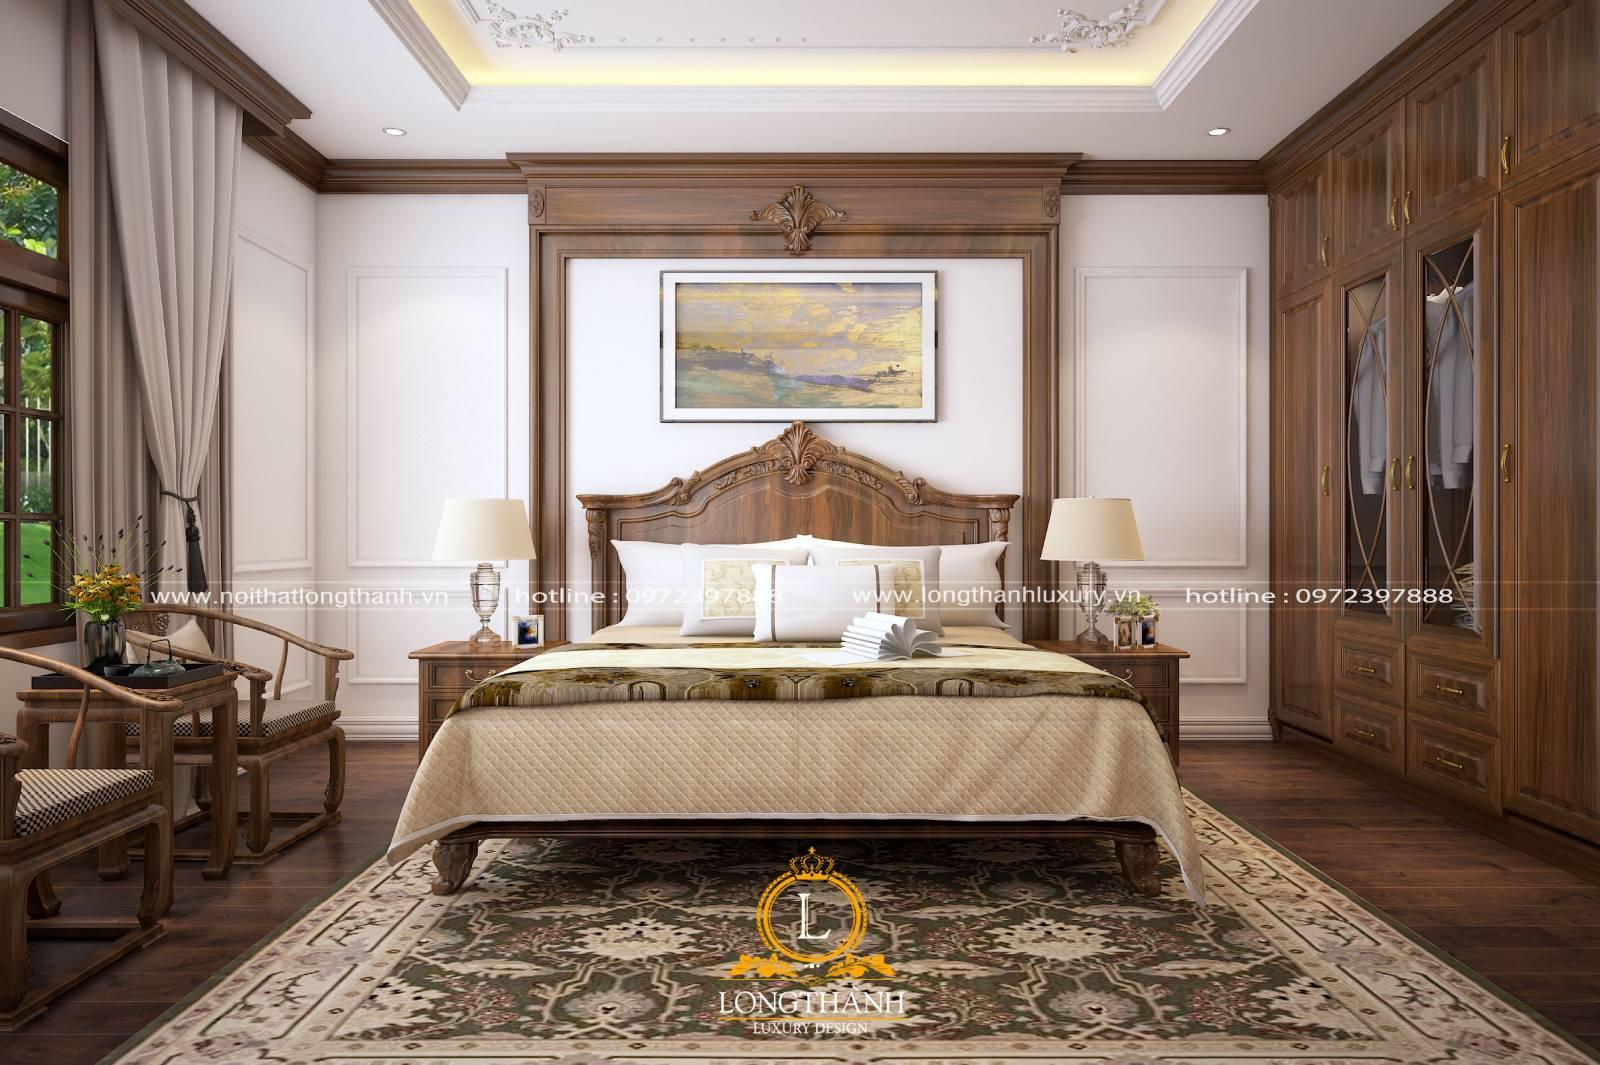 Thiết kế giường ngủ tân cổ điển gỗ óc chó tự nhiên